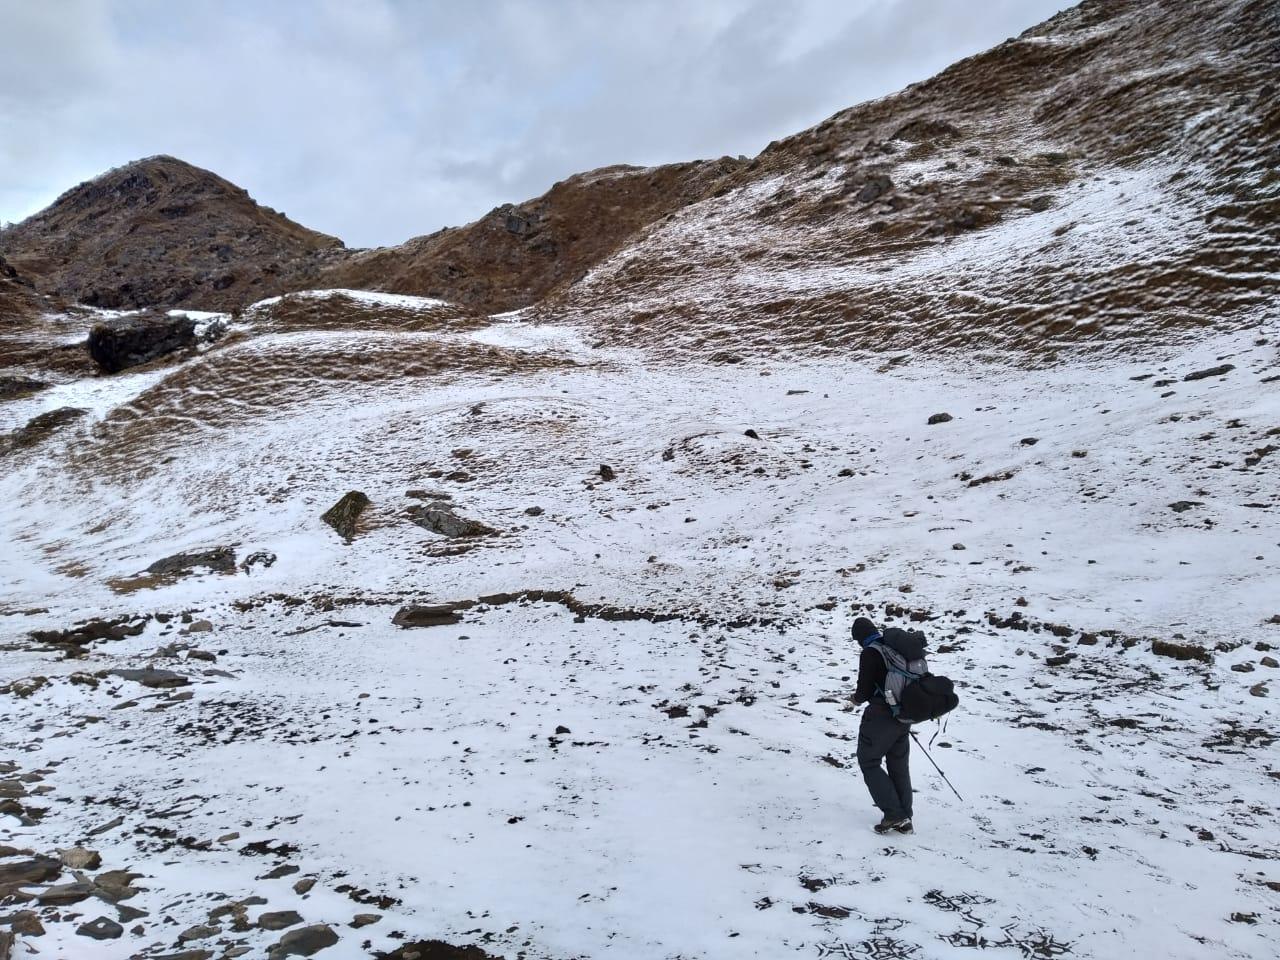 winter treks in uttarakhand, brahmatal